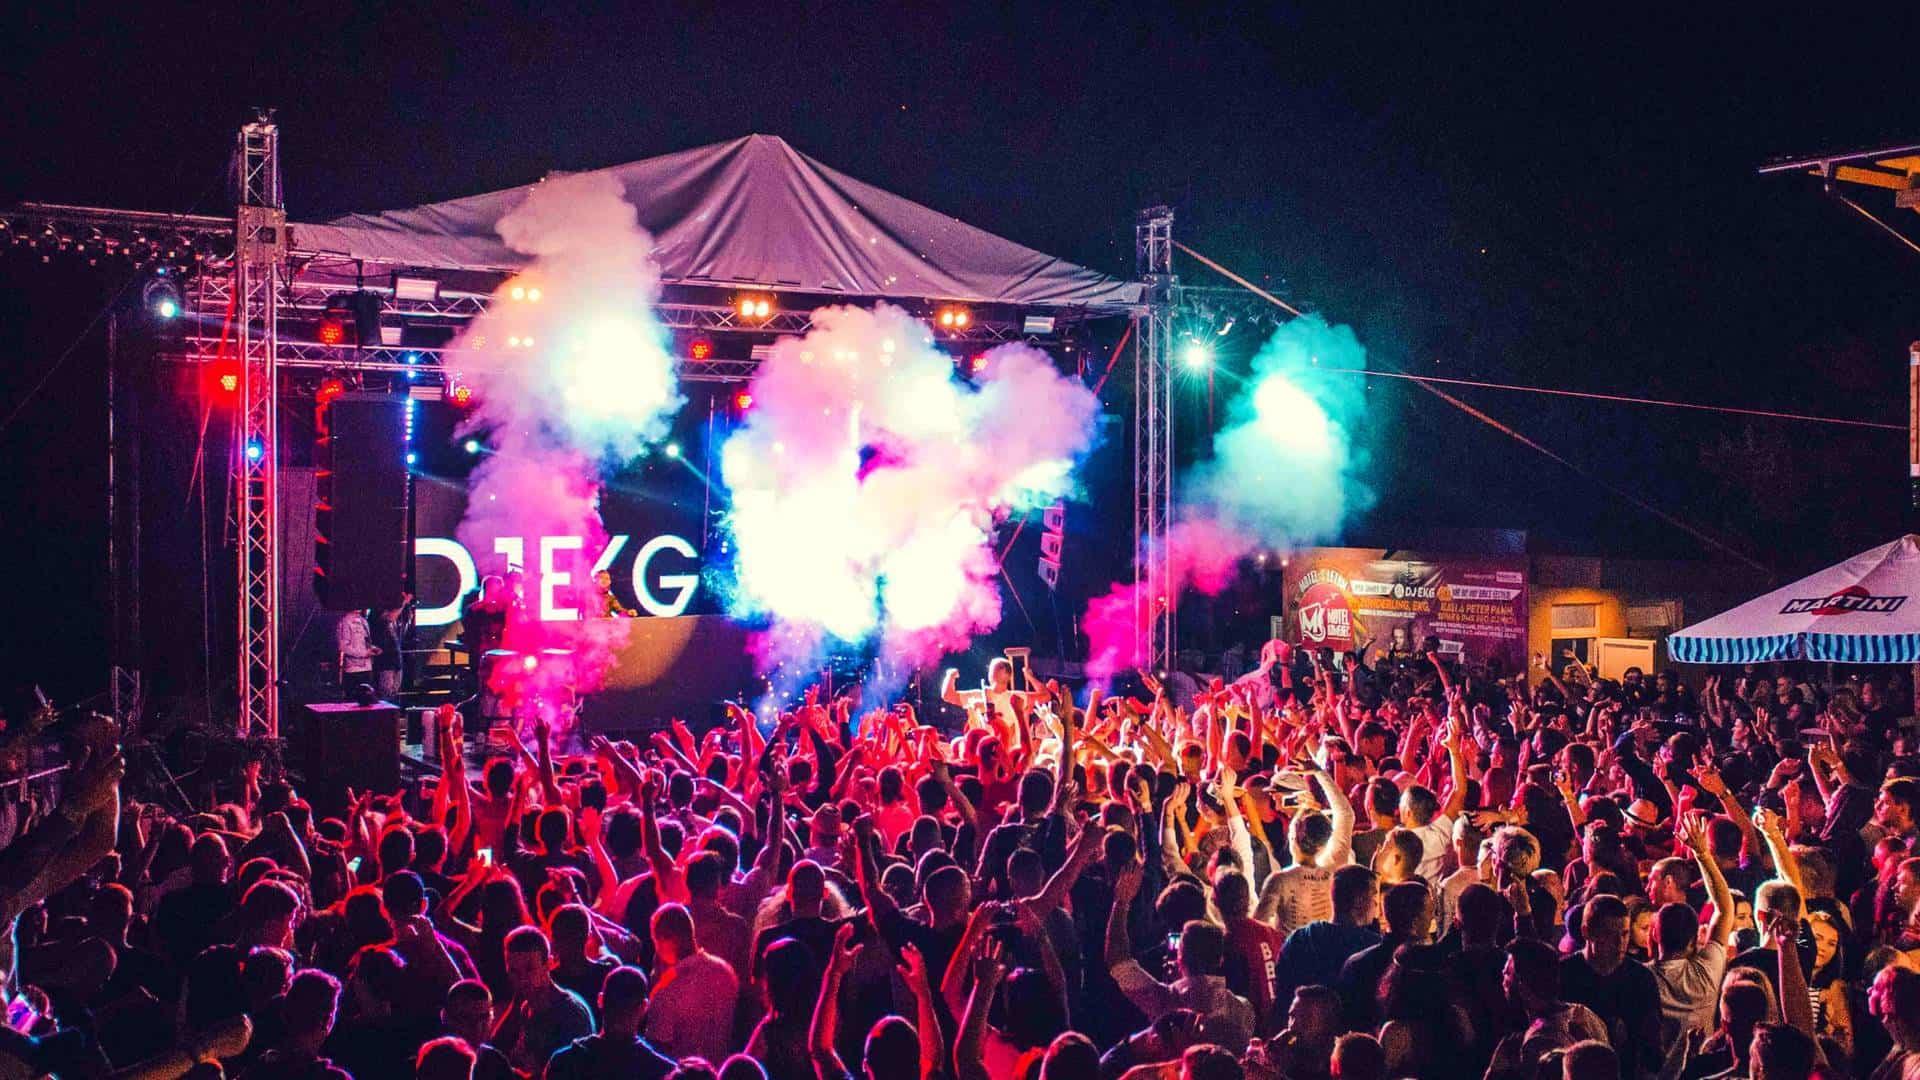 festiwal w grecji